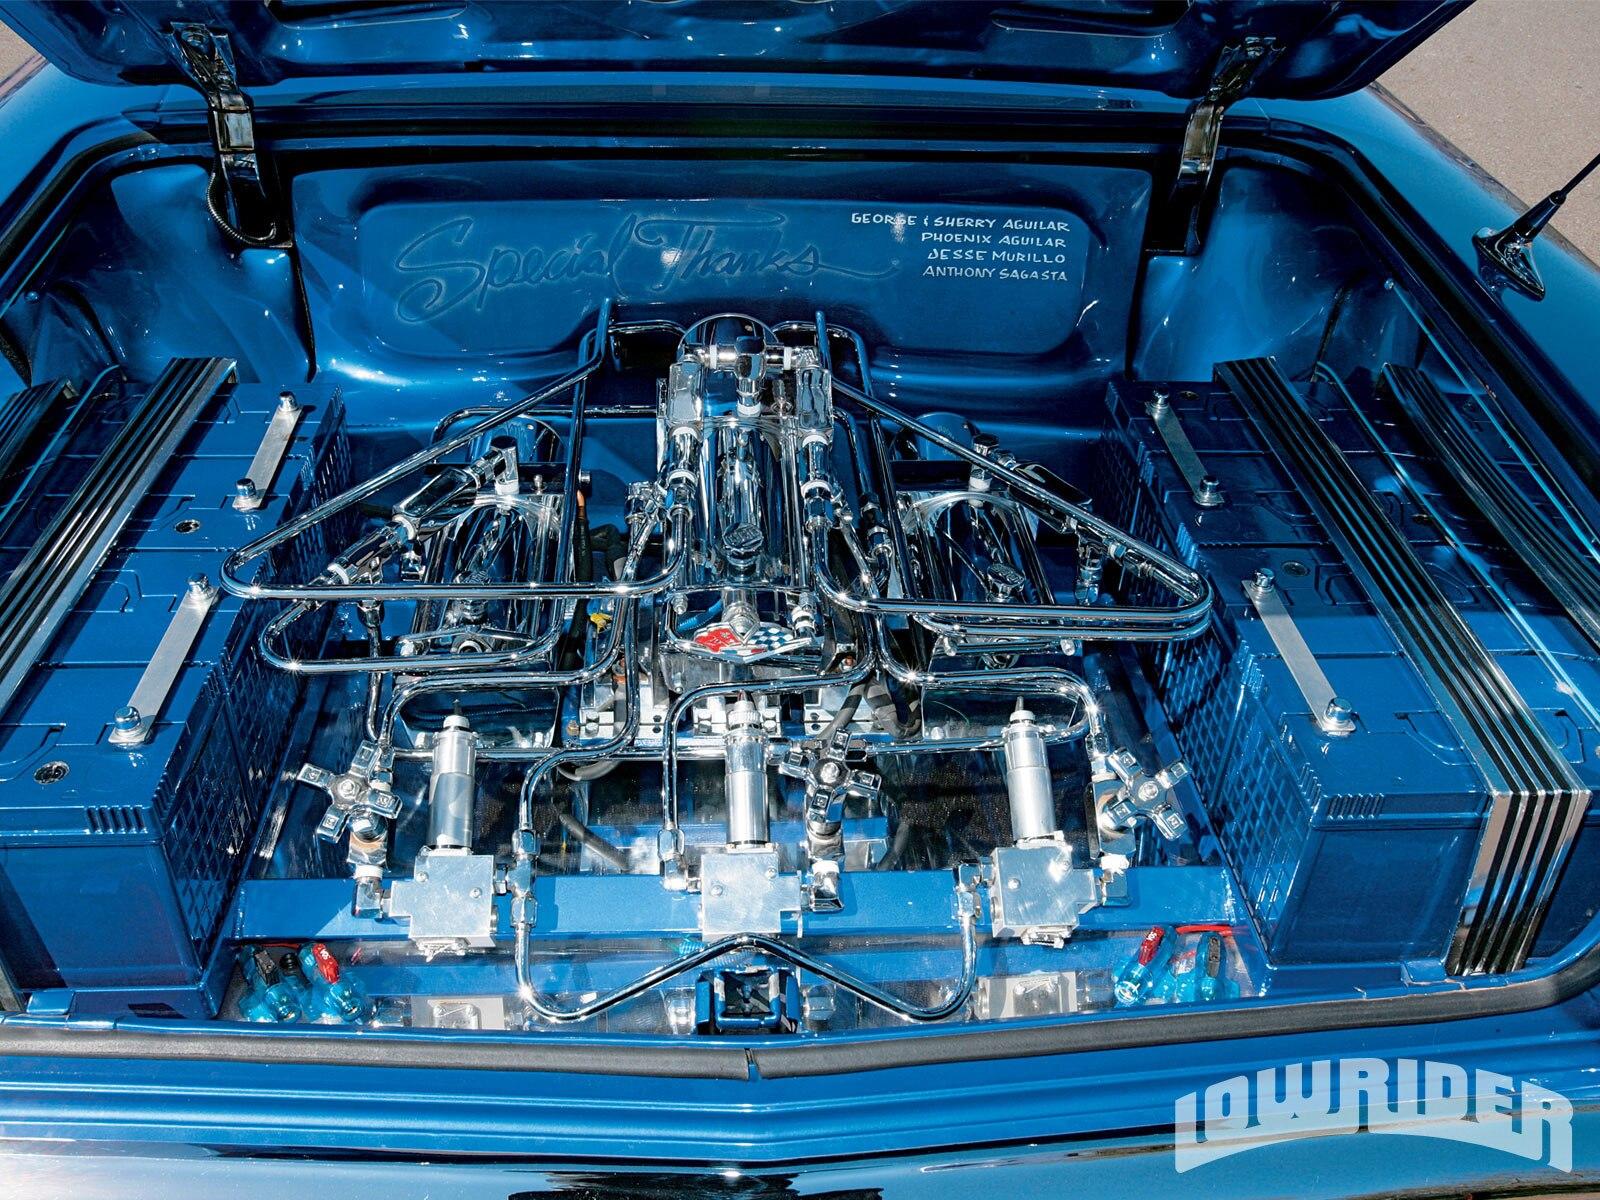 Car Hydraulic Wiring Diagram Car Hydraulic Wiring Diagram